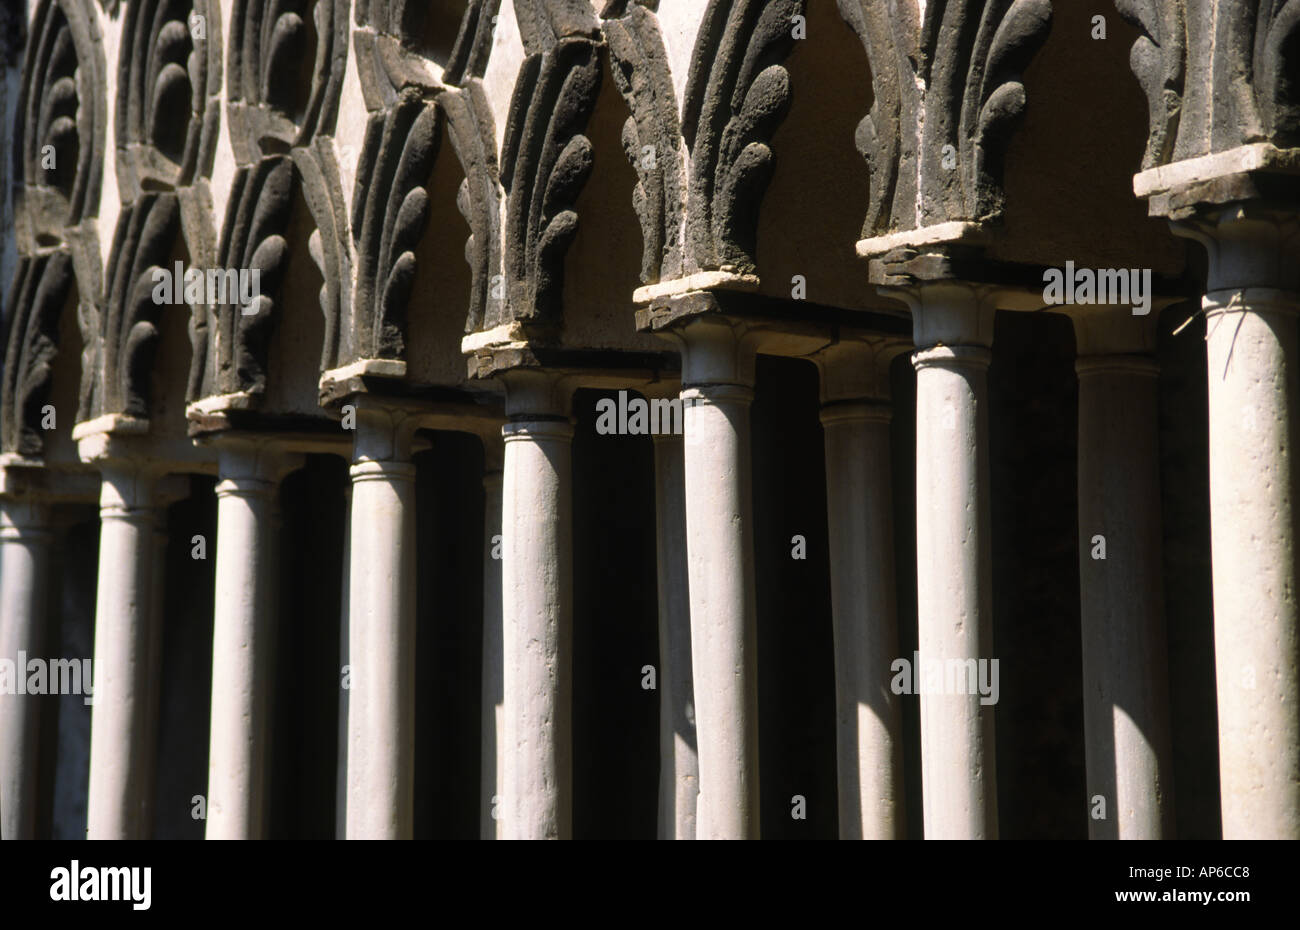 Dettaglio da Villa Cimbrone Foto Stock